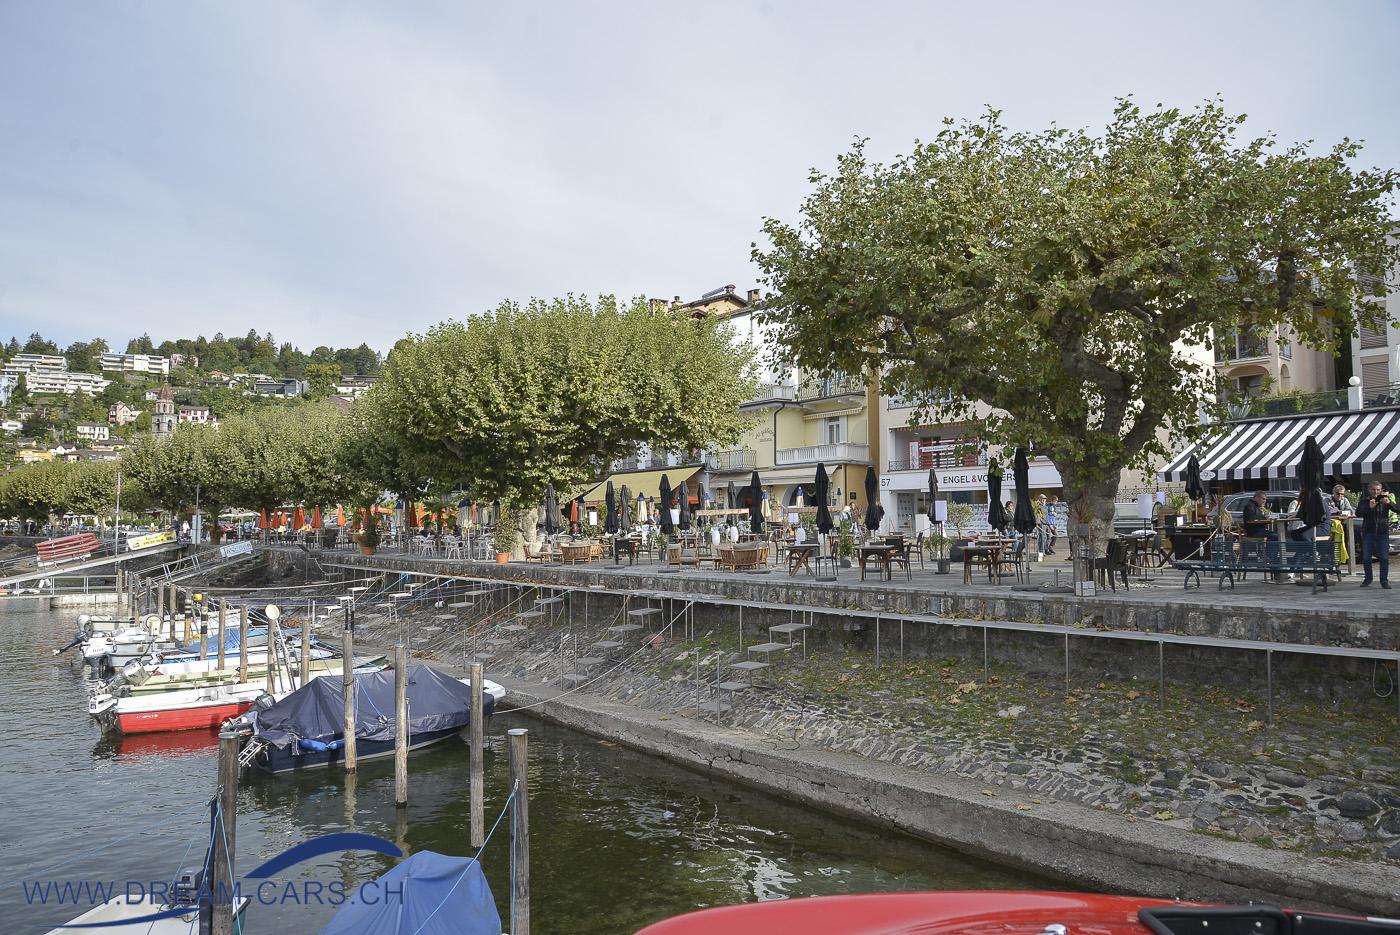 ACCA, Ascona Classic Car Award, 26./27. September 2020. Die Promenade in Ascona gehörte dieses Jahr den Restaurantbesucher